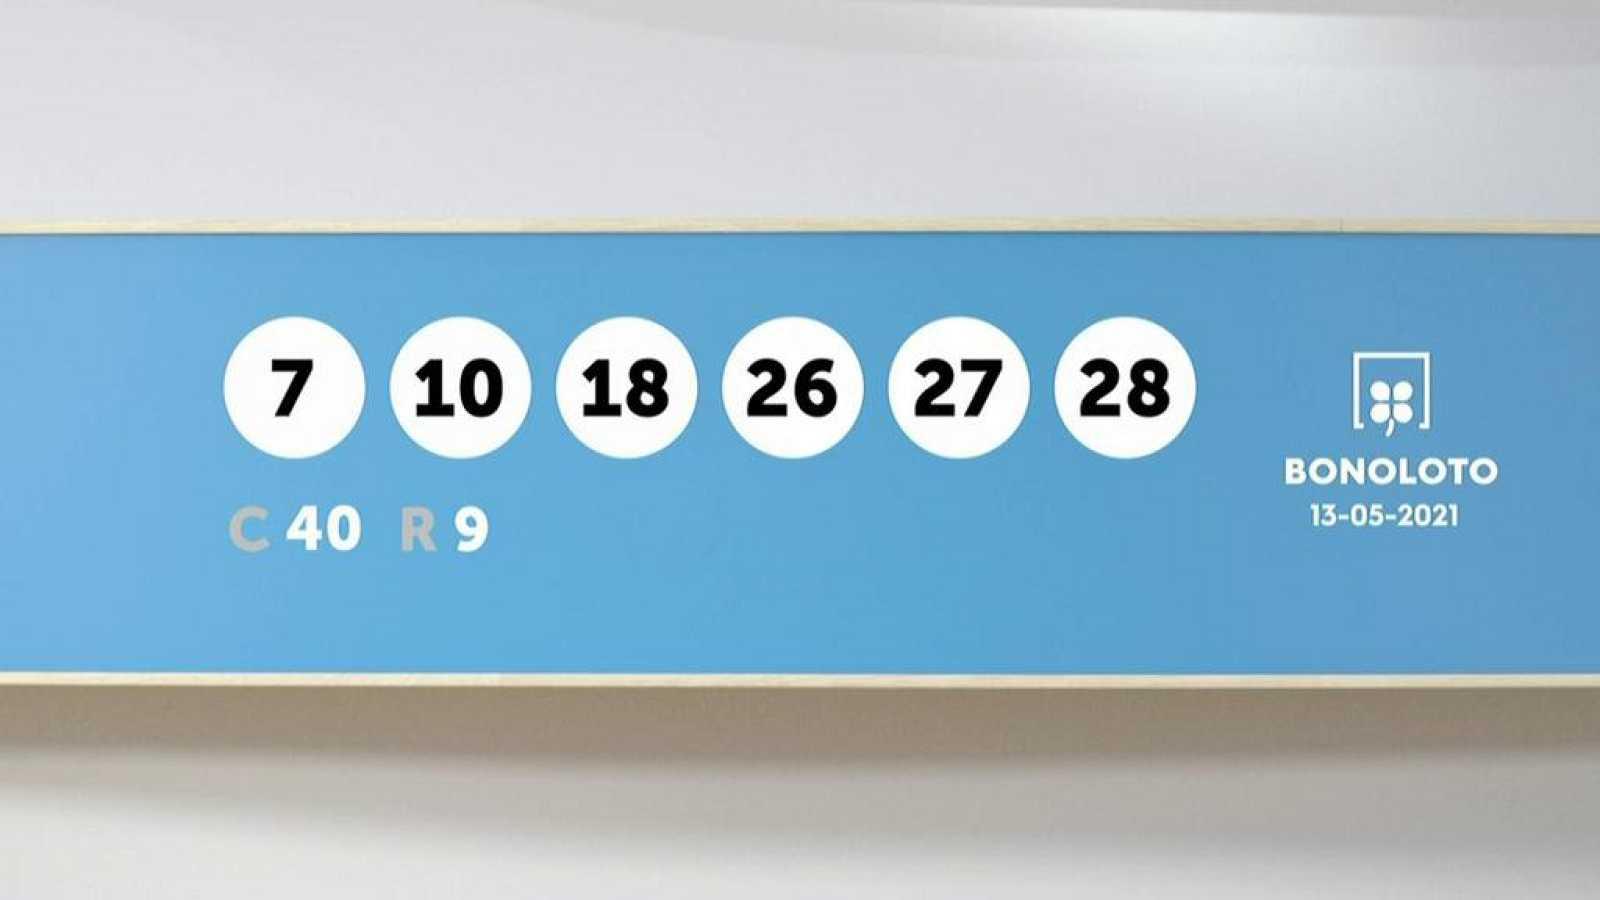 Sorteo de la Lotería Bonoloto del 13/05/2021 - Ver ahora